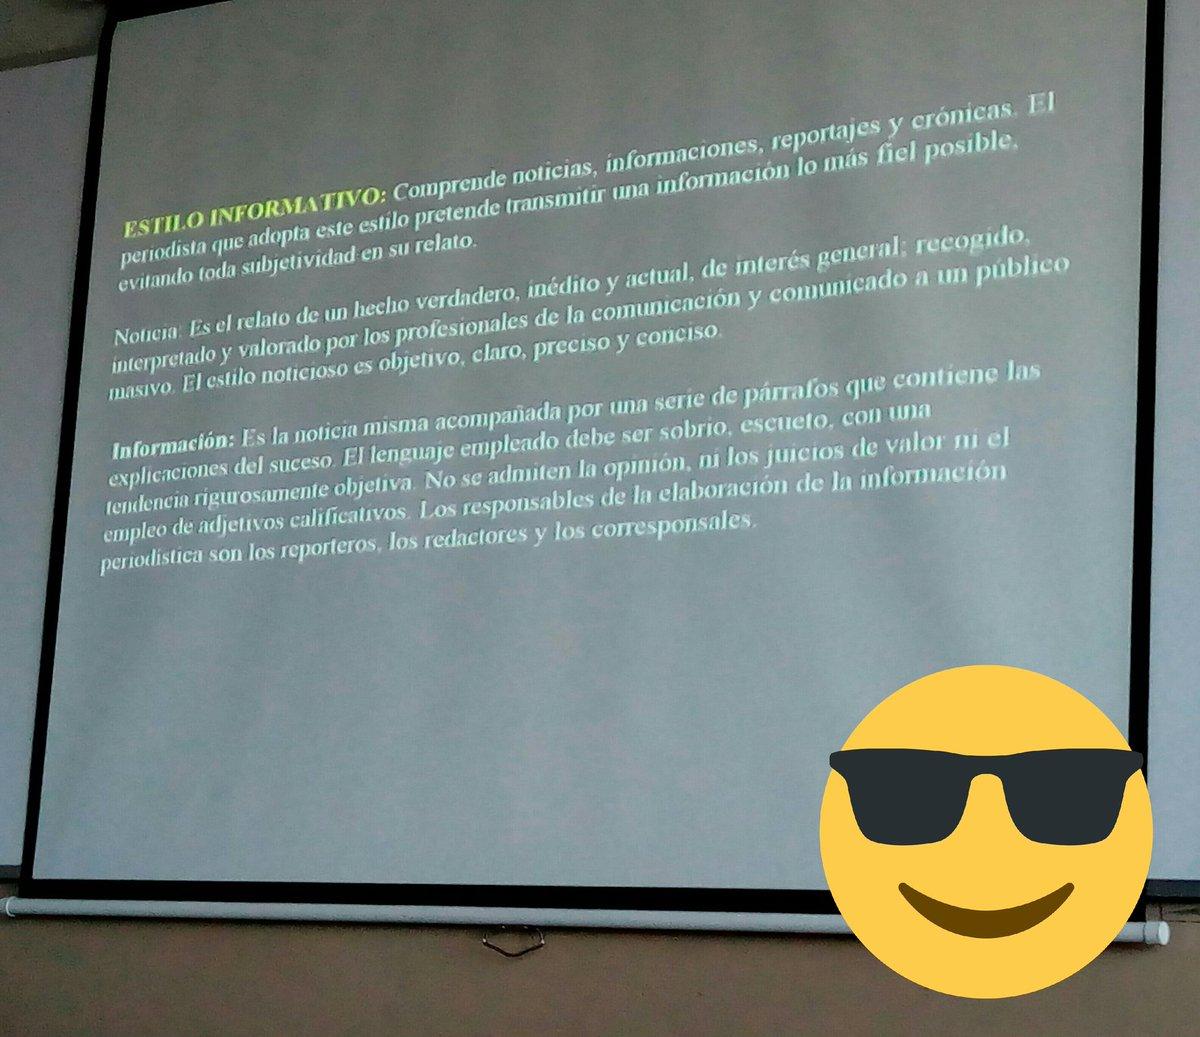 La clave para #La_Redaccion #Noticia #UTEC  Con @KrhisnaRetana y la #Instructora 😁😄😉